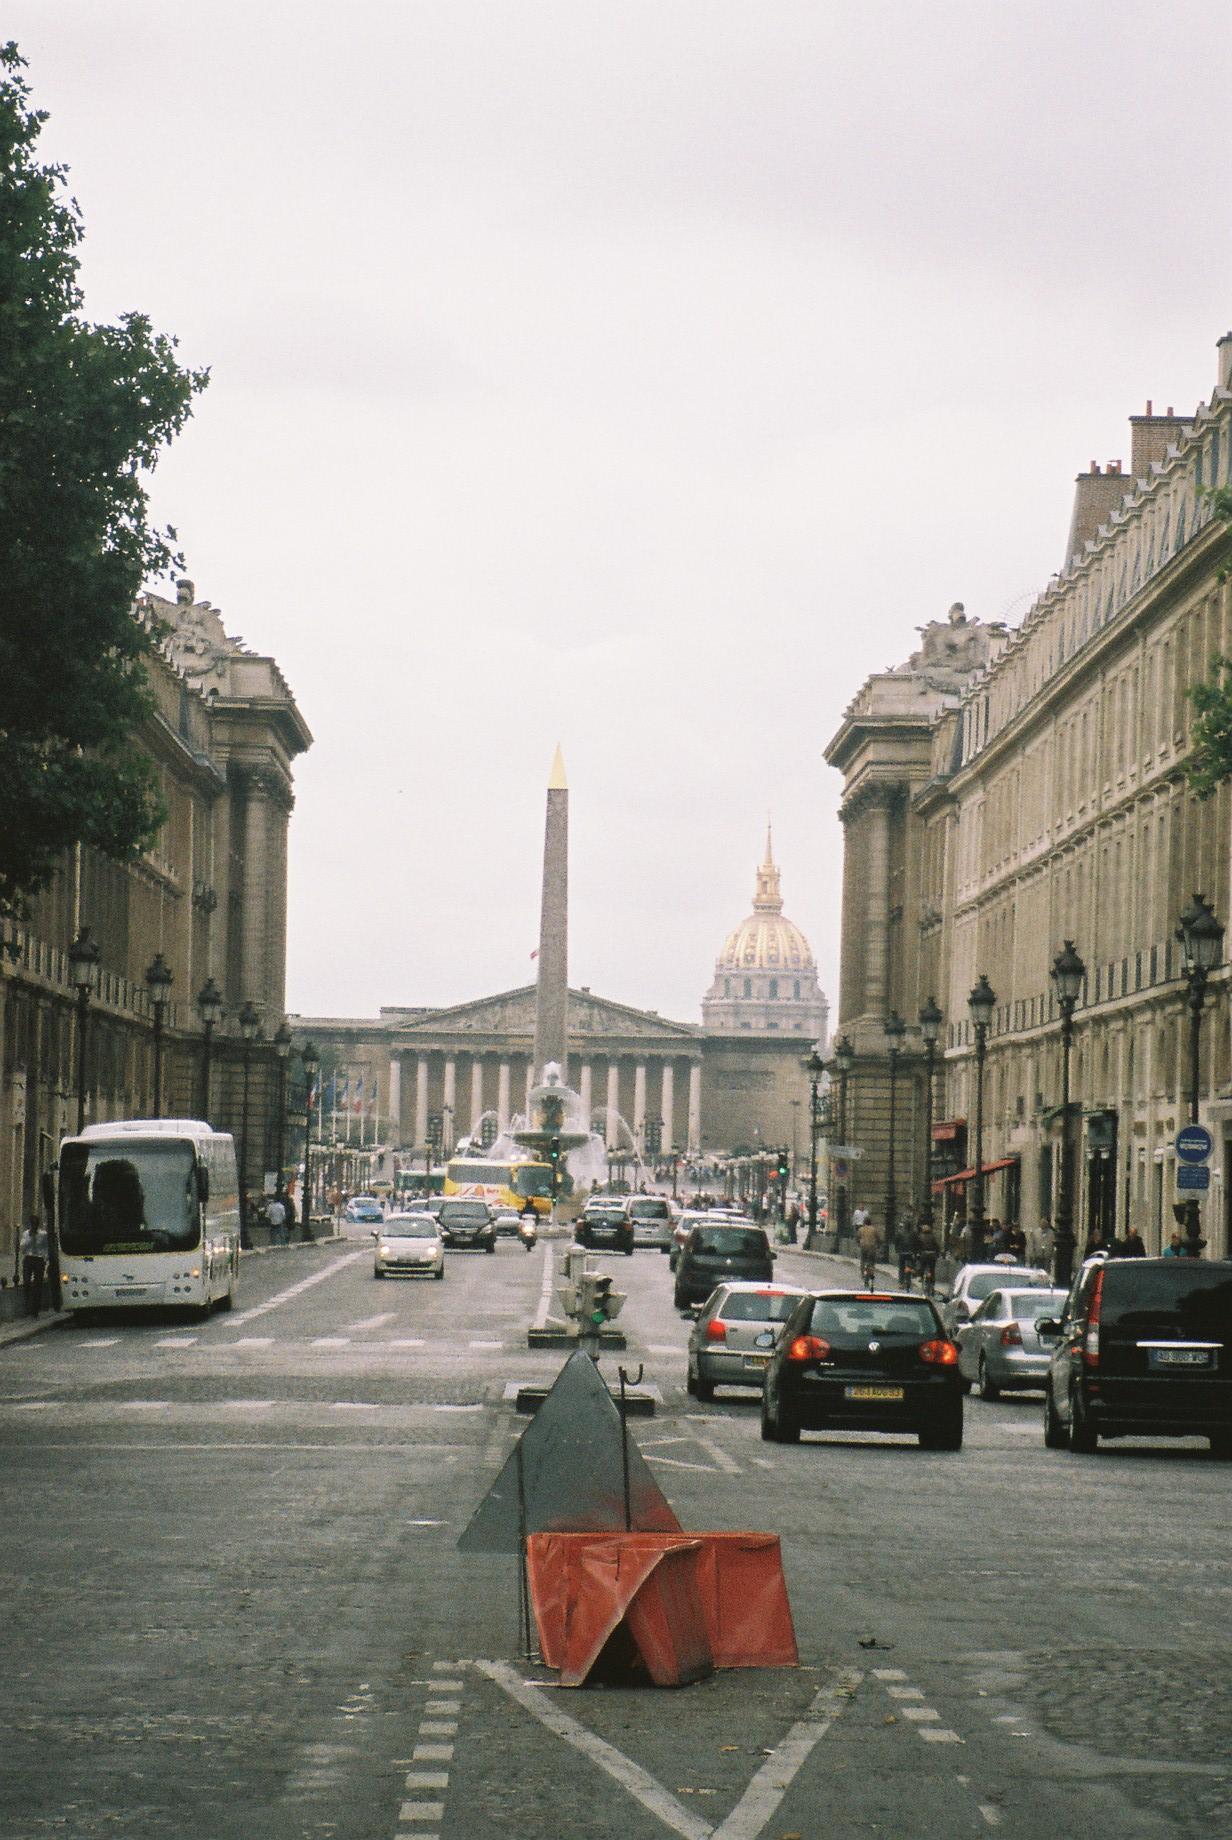 paris rue royale fr madeleine to concorde obelisk ass nat invalides sept10